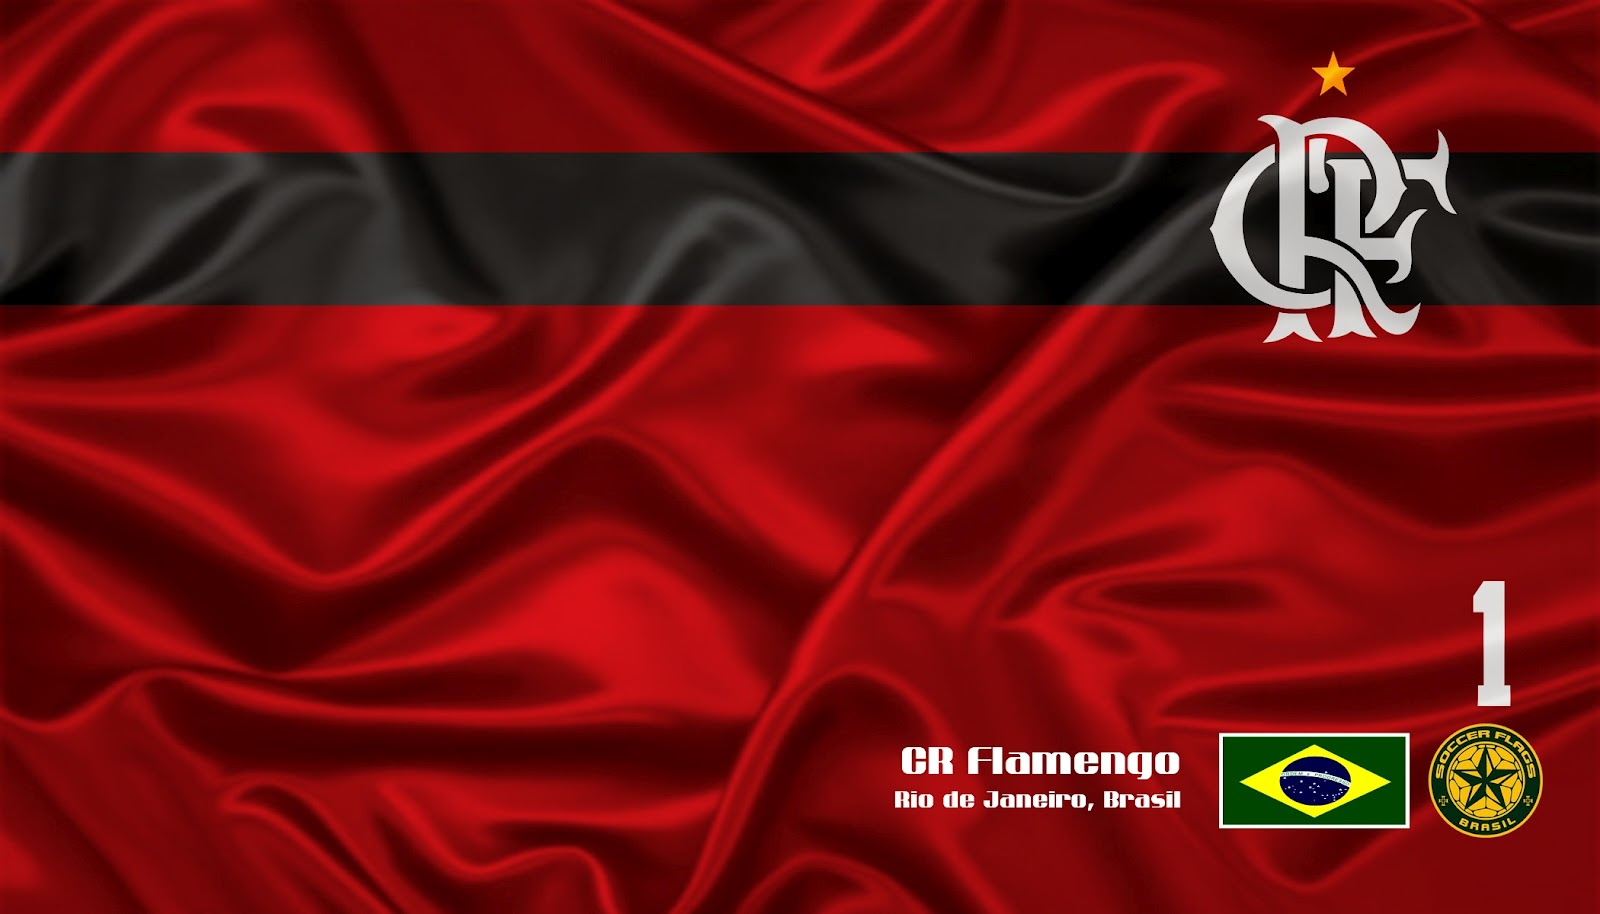 http://4.bp.blogspot.com/-UYlvBo1rwlU/UCpnqfZiqNI/AAAAAAAACcQ/lqDJI6xBZkg/s1600/Flamengo+(2).jpg